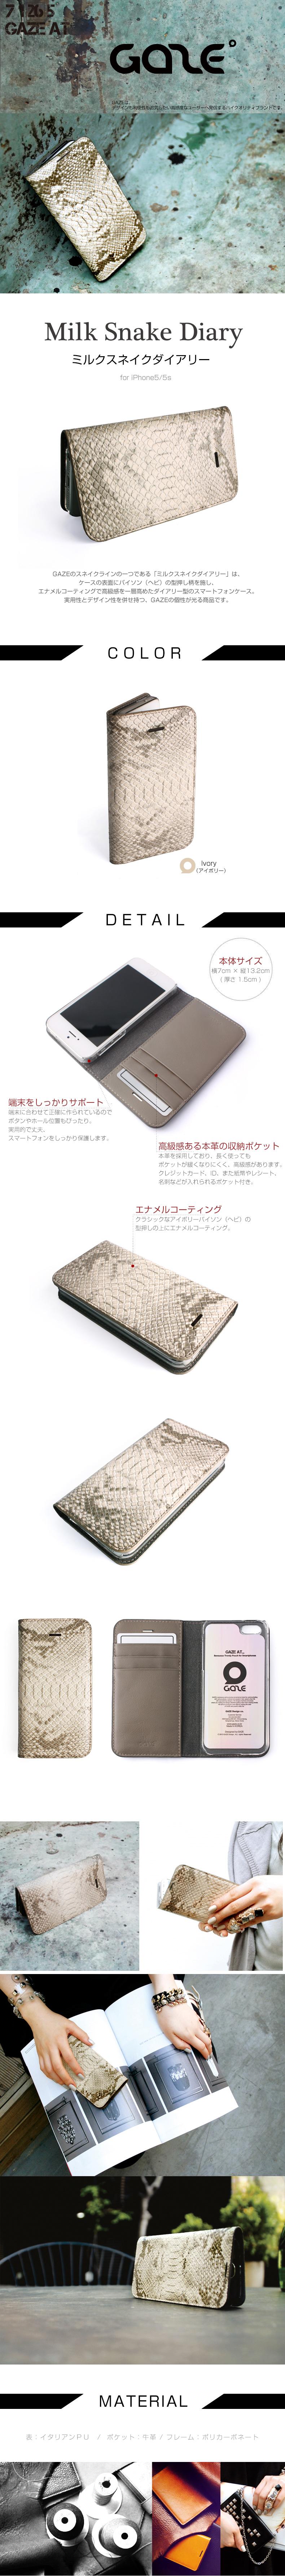 商品詳細iPhone5/5sミルクスネイクダイアリー